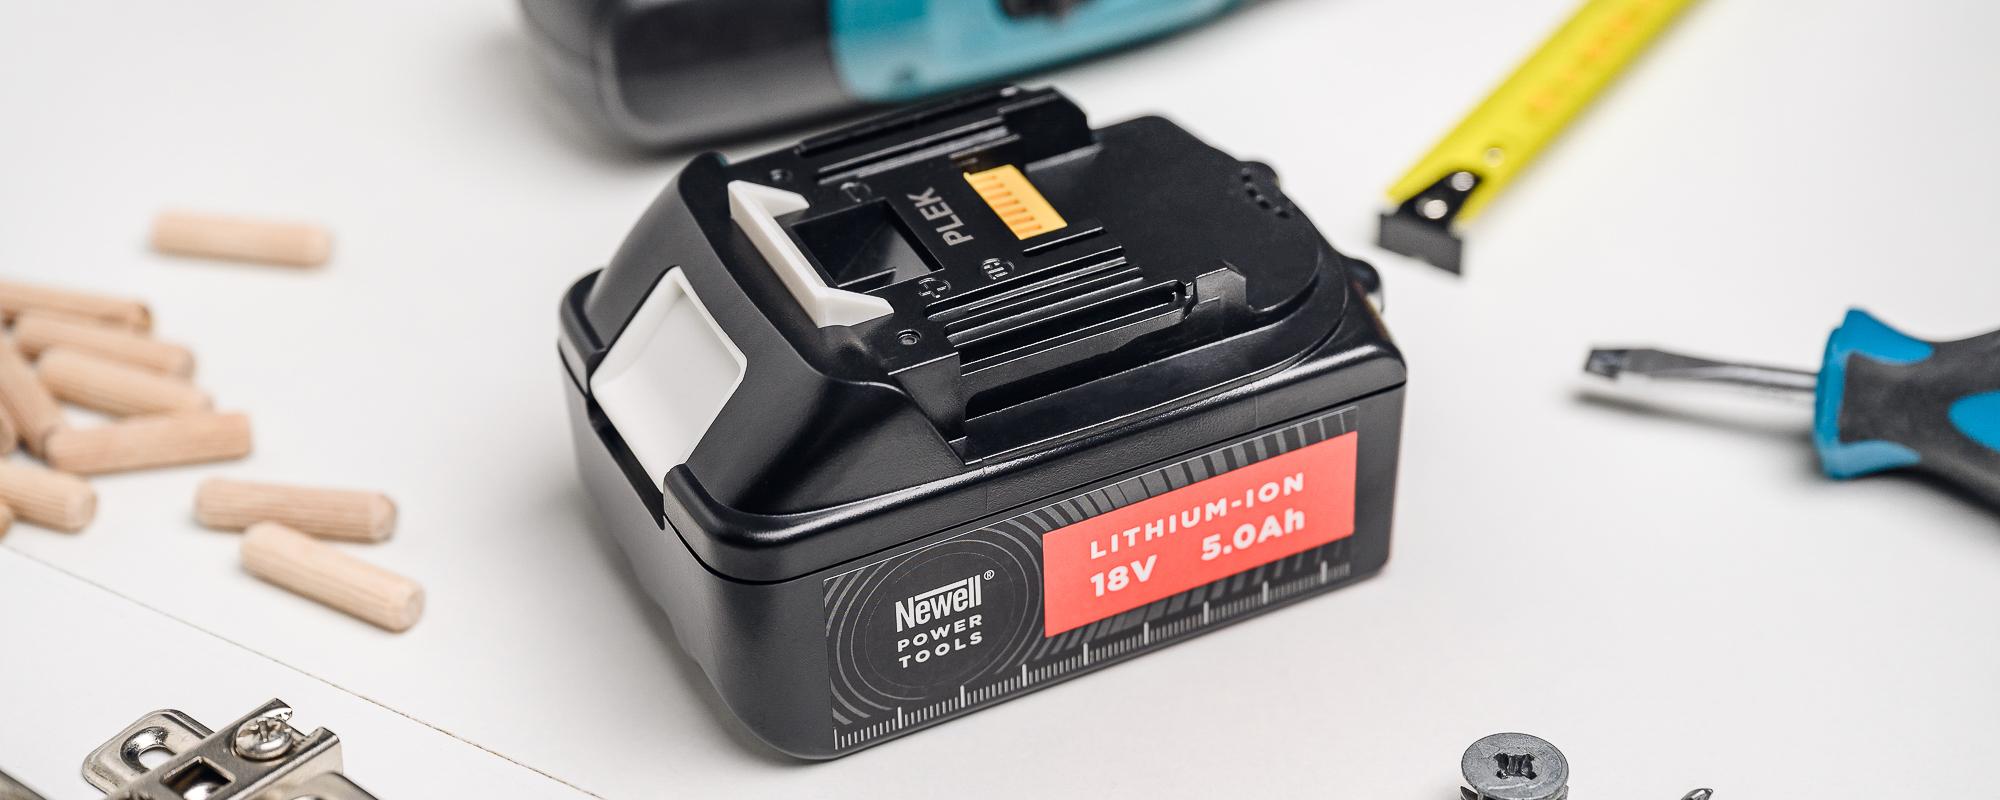 Akumulator Newell zamiennik BL1850